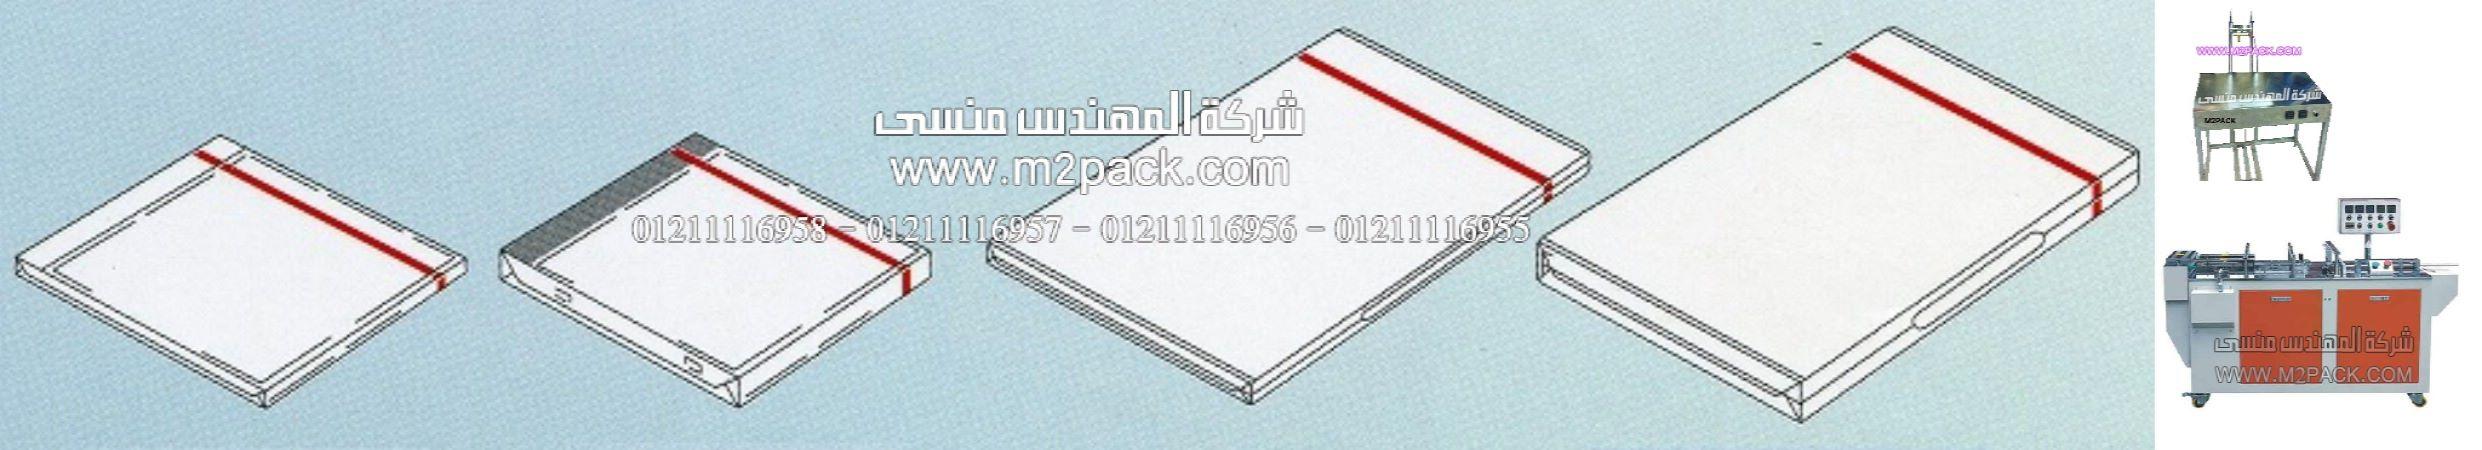 طريقة تغليف الكتب و المجلدات بطبقة من السولفان الشفاف مع وضع شريط الآمان من شركة المهندس منسي